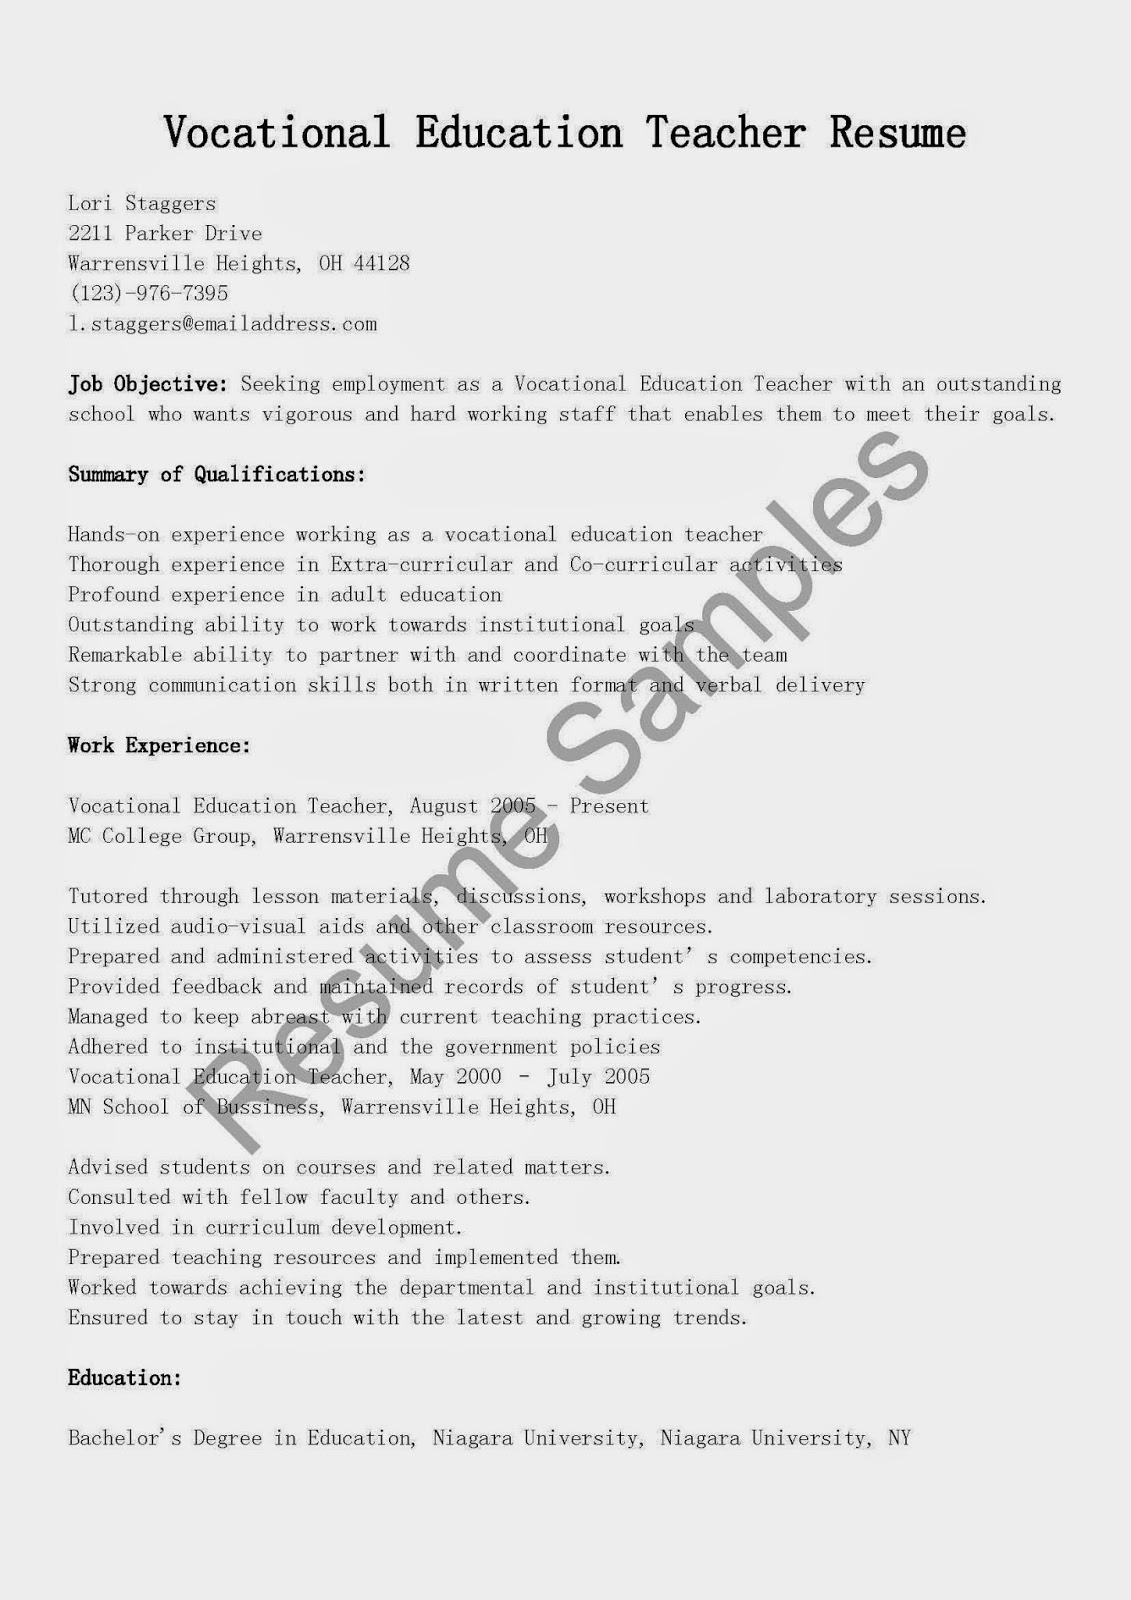 cv format for vocational training cv format for vocational